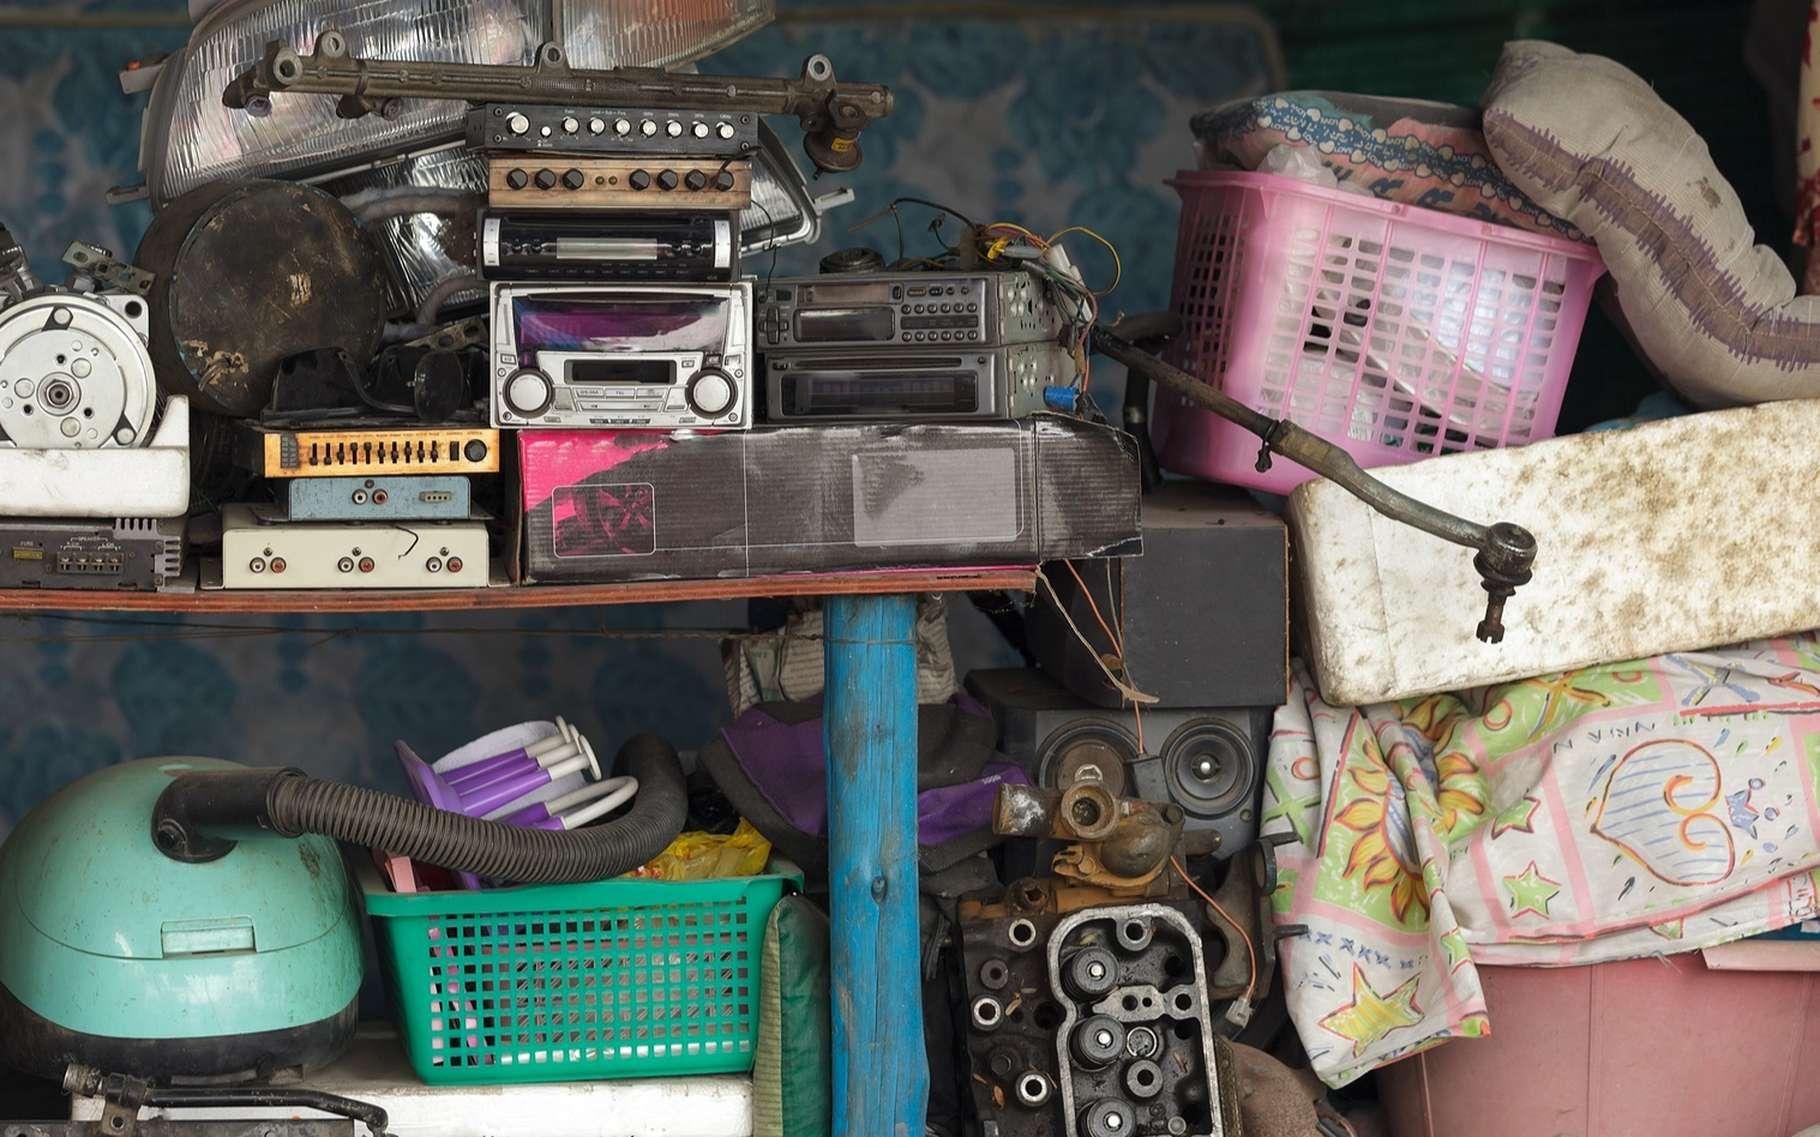 Les Diogène accumulent des objets et doivent parfois se frayer un chemin pour se déplacer dans leur logement. © Stephane Bidouze, Shutterstock